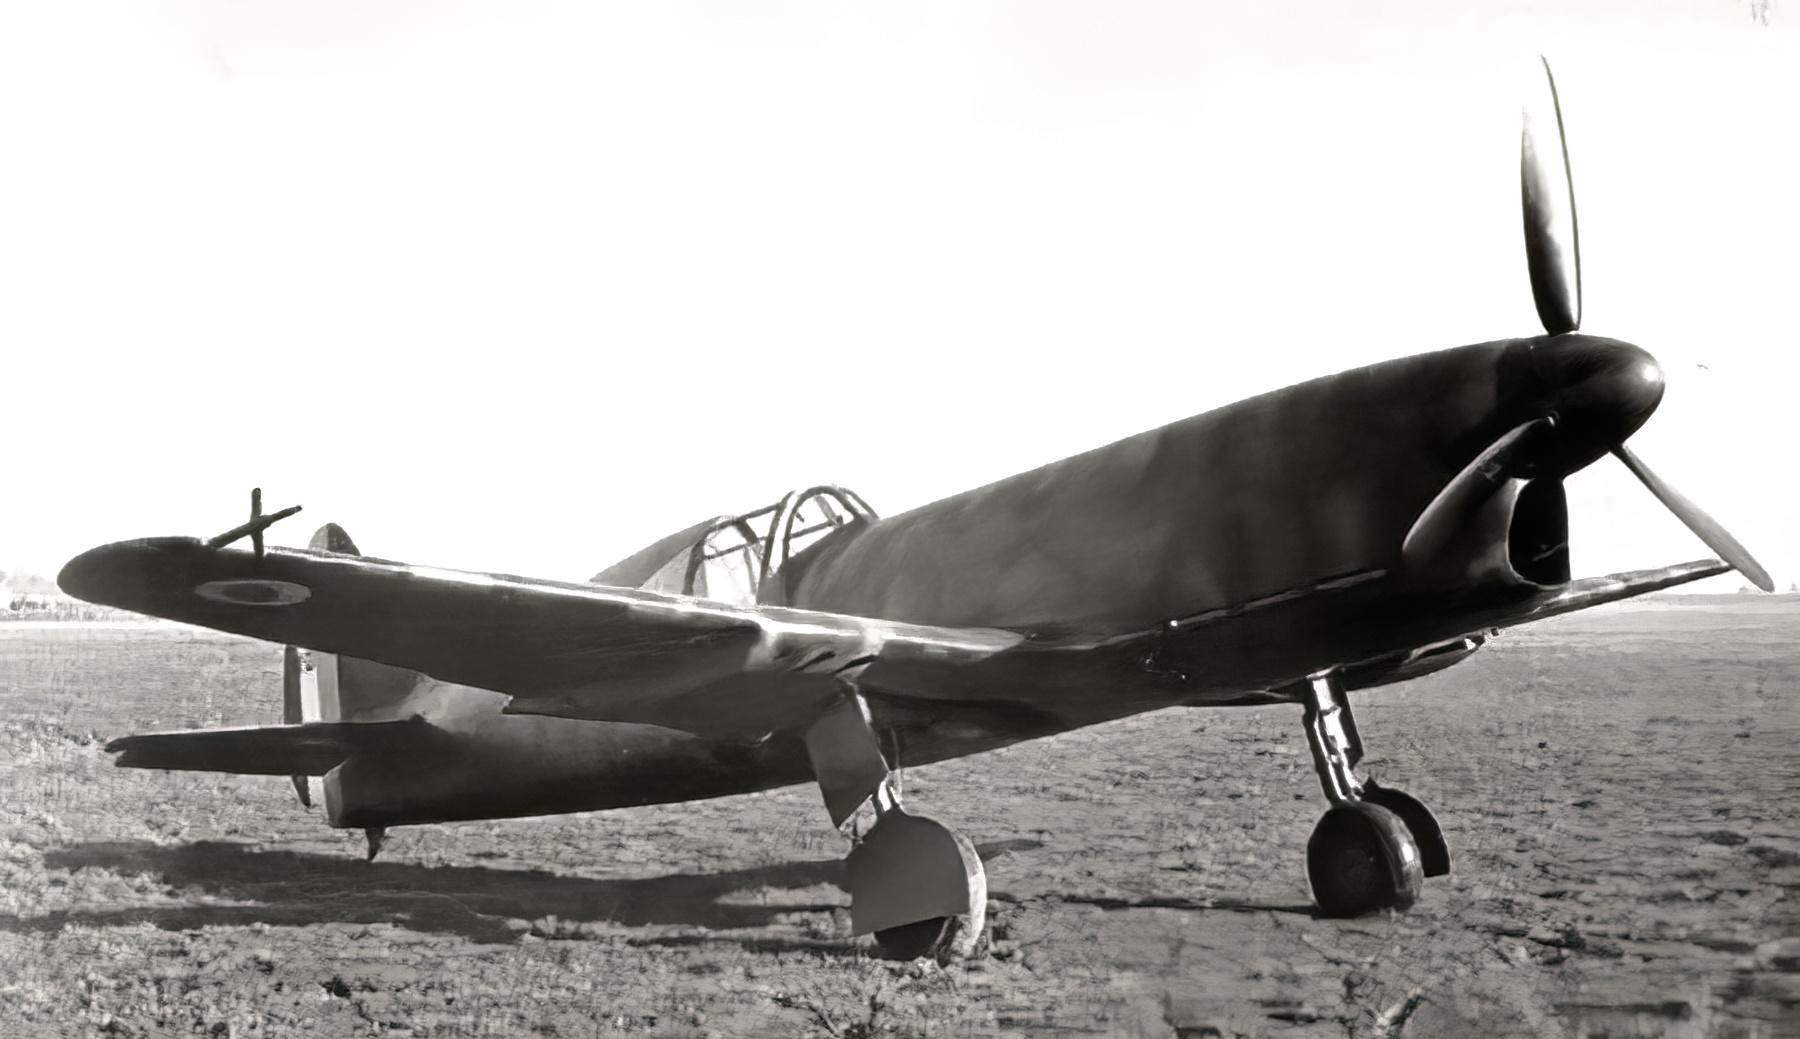 French Caudron CR 770C1 sn01 Cyclone Polish AF France 1940 web 02